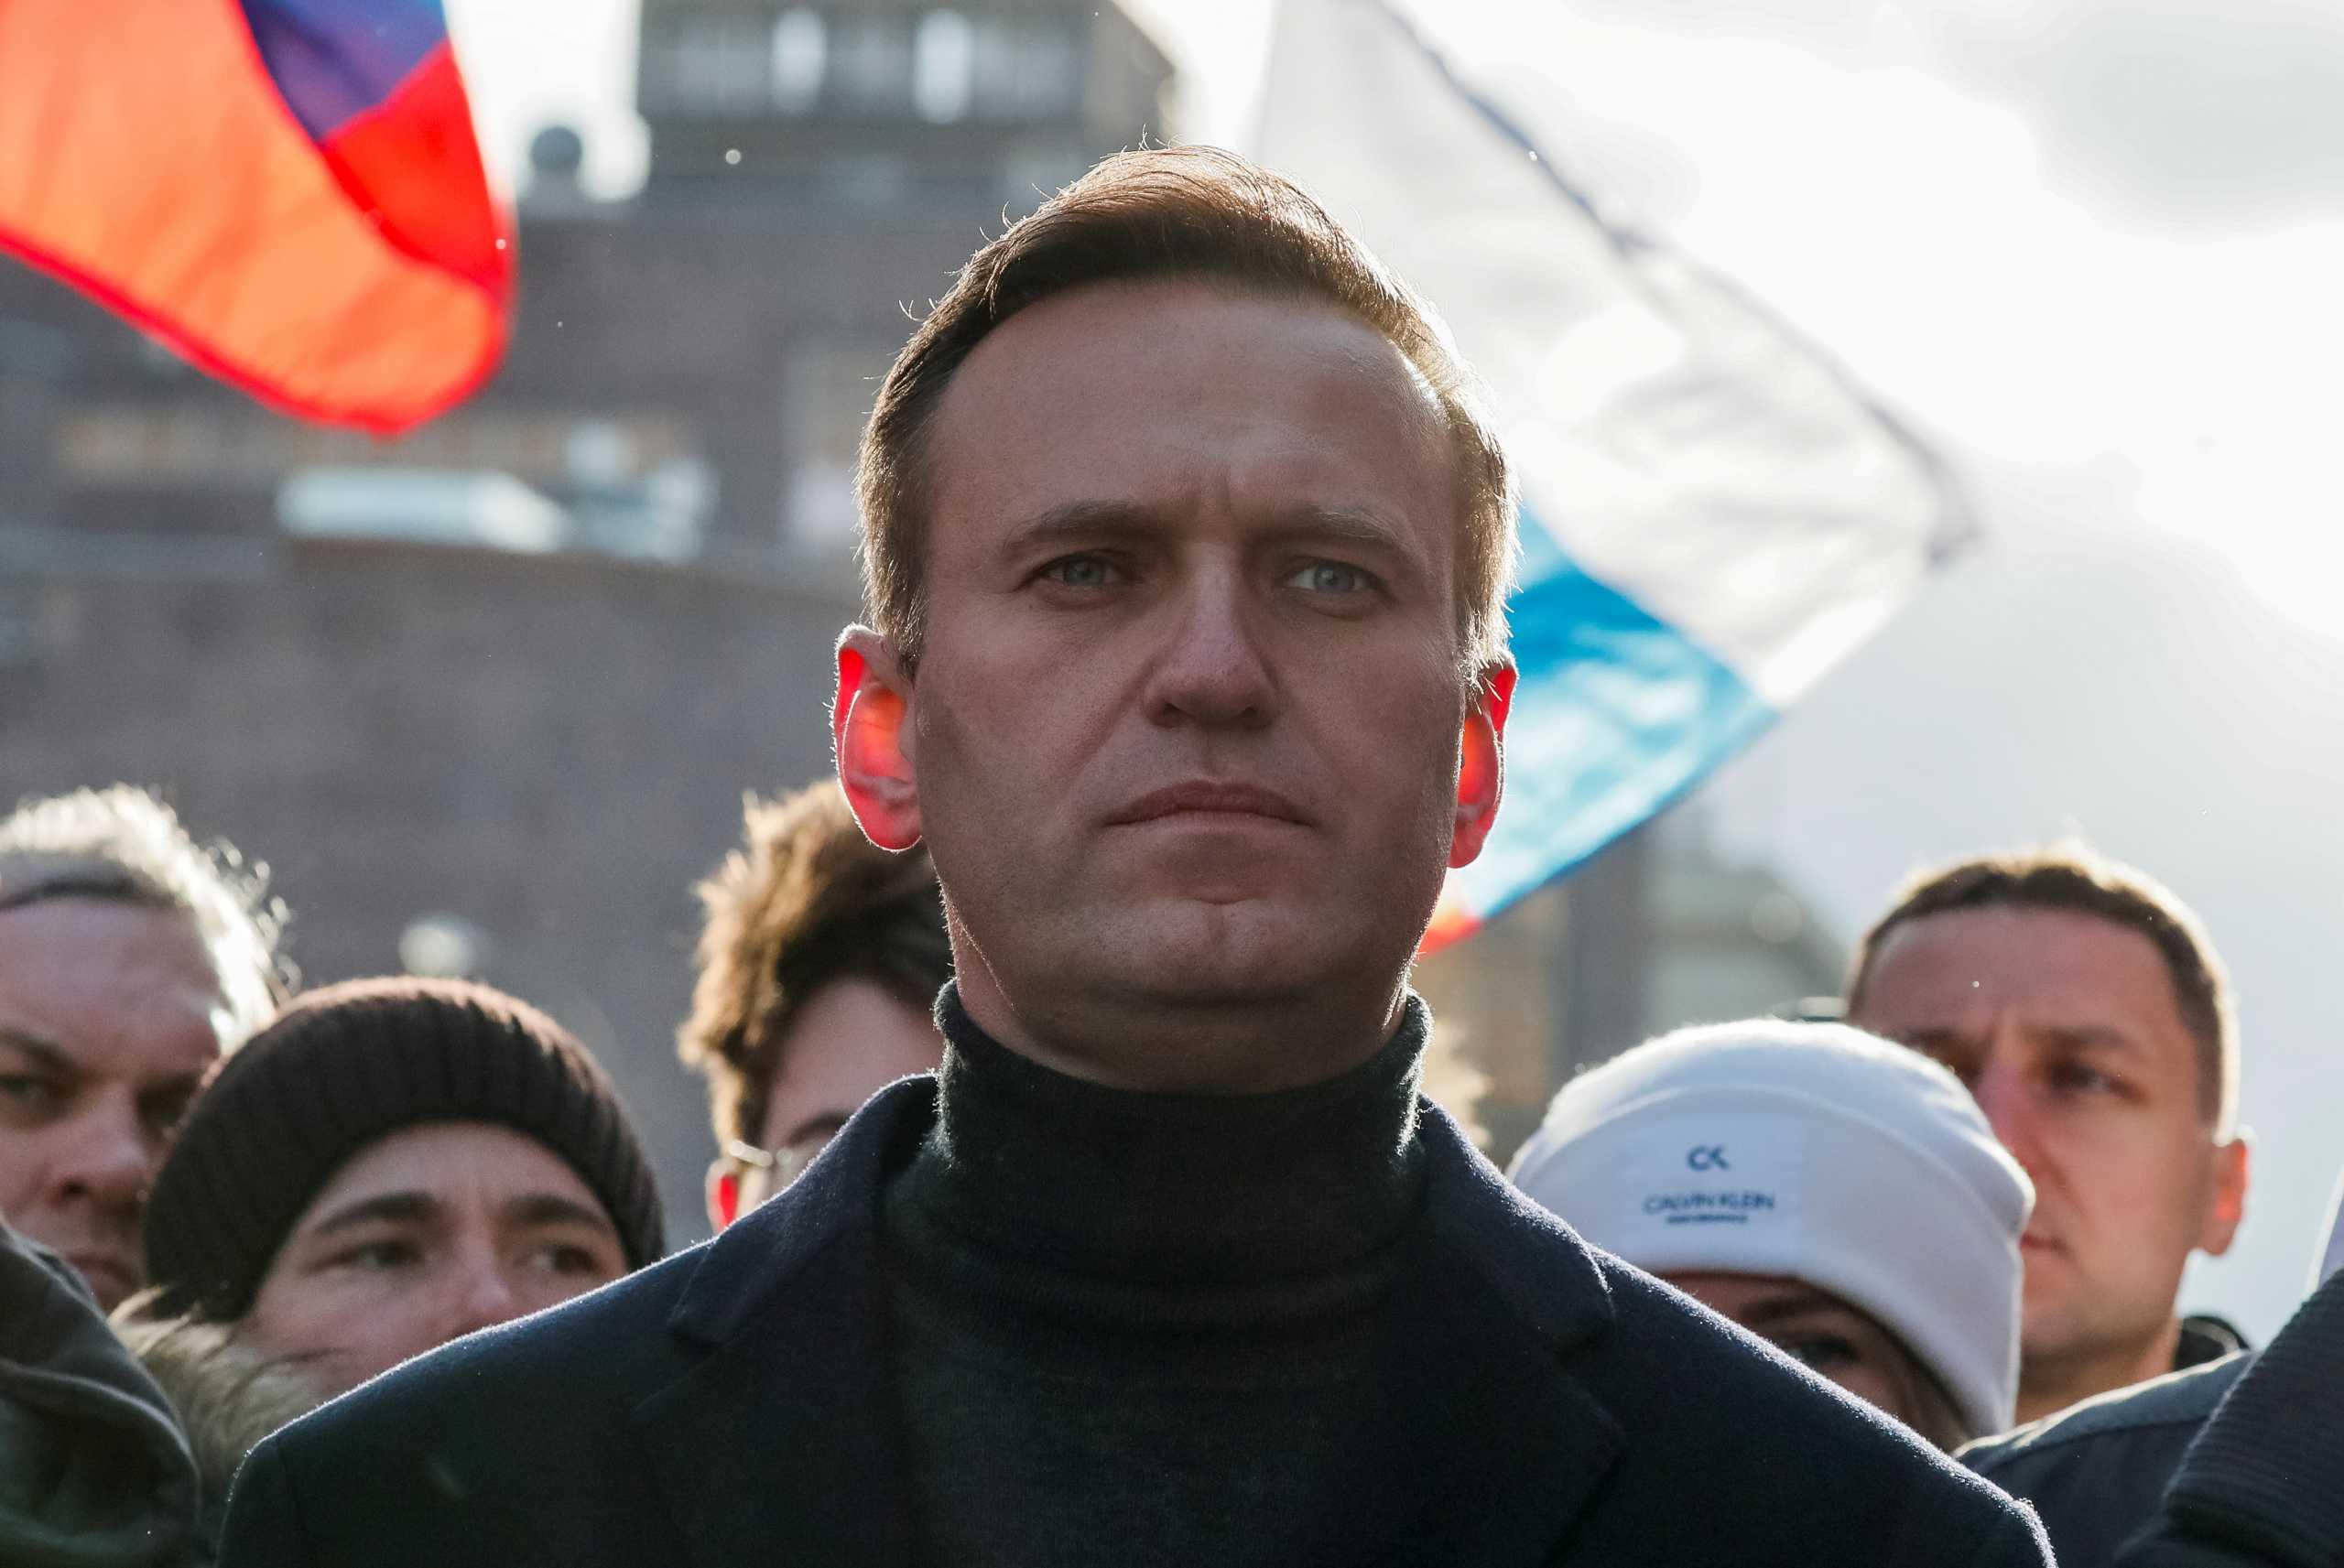 Ρωσία κατά Μπάιντεν για την υπόθεση Ναβάλνι